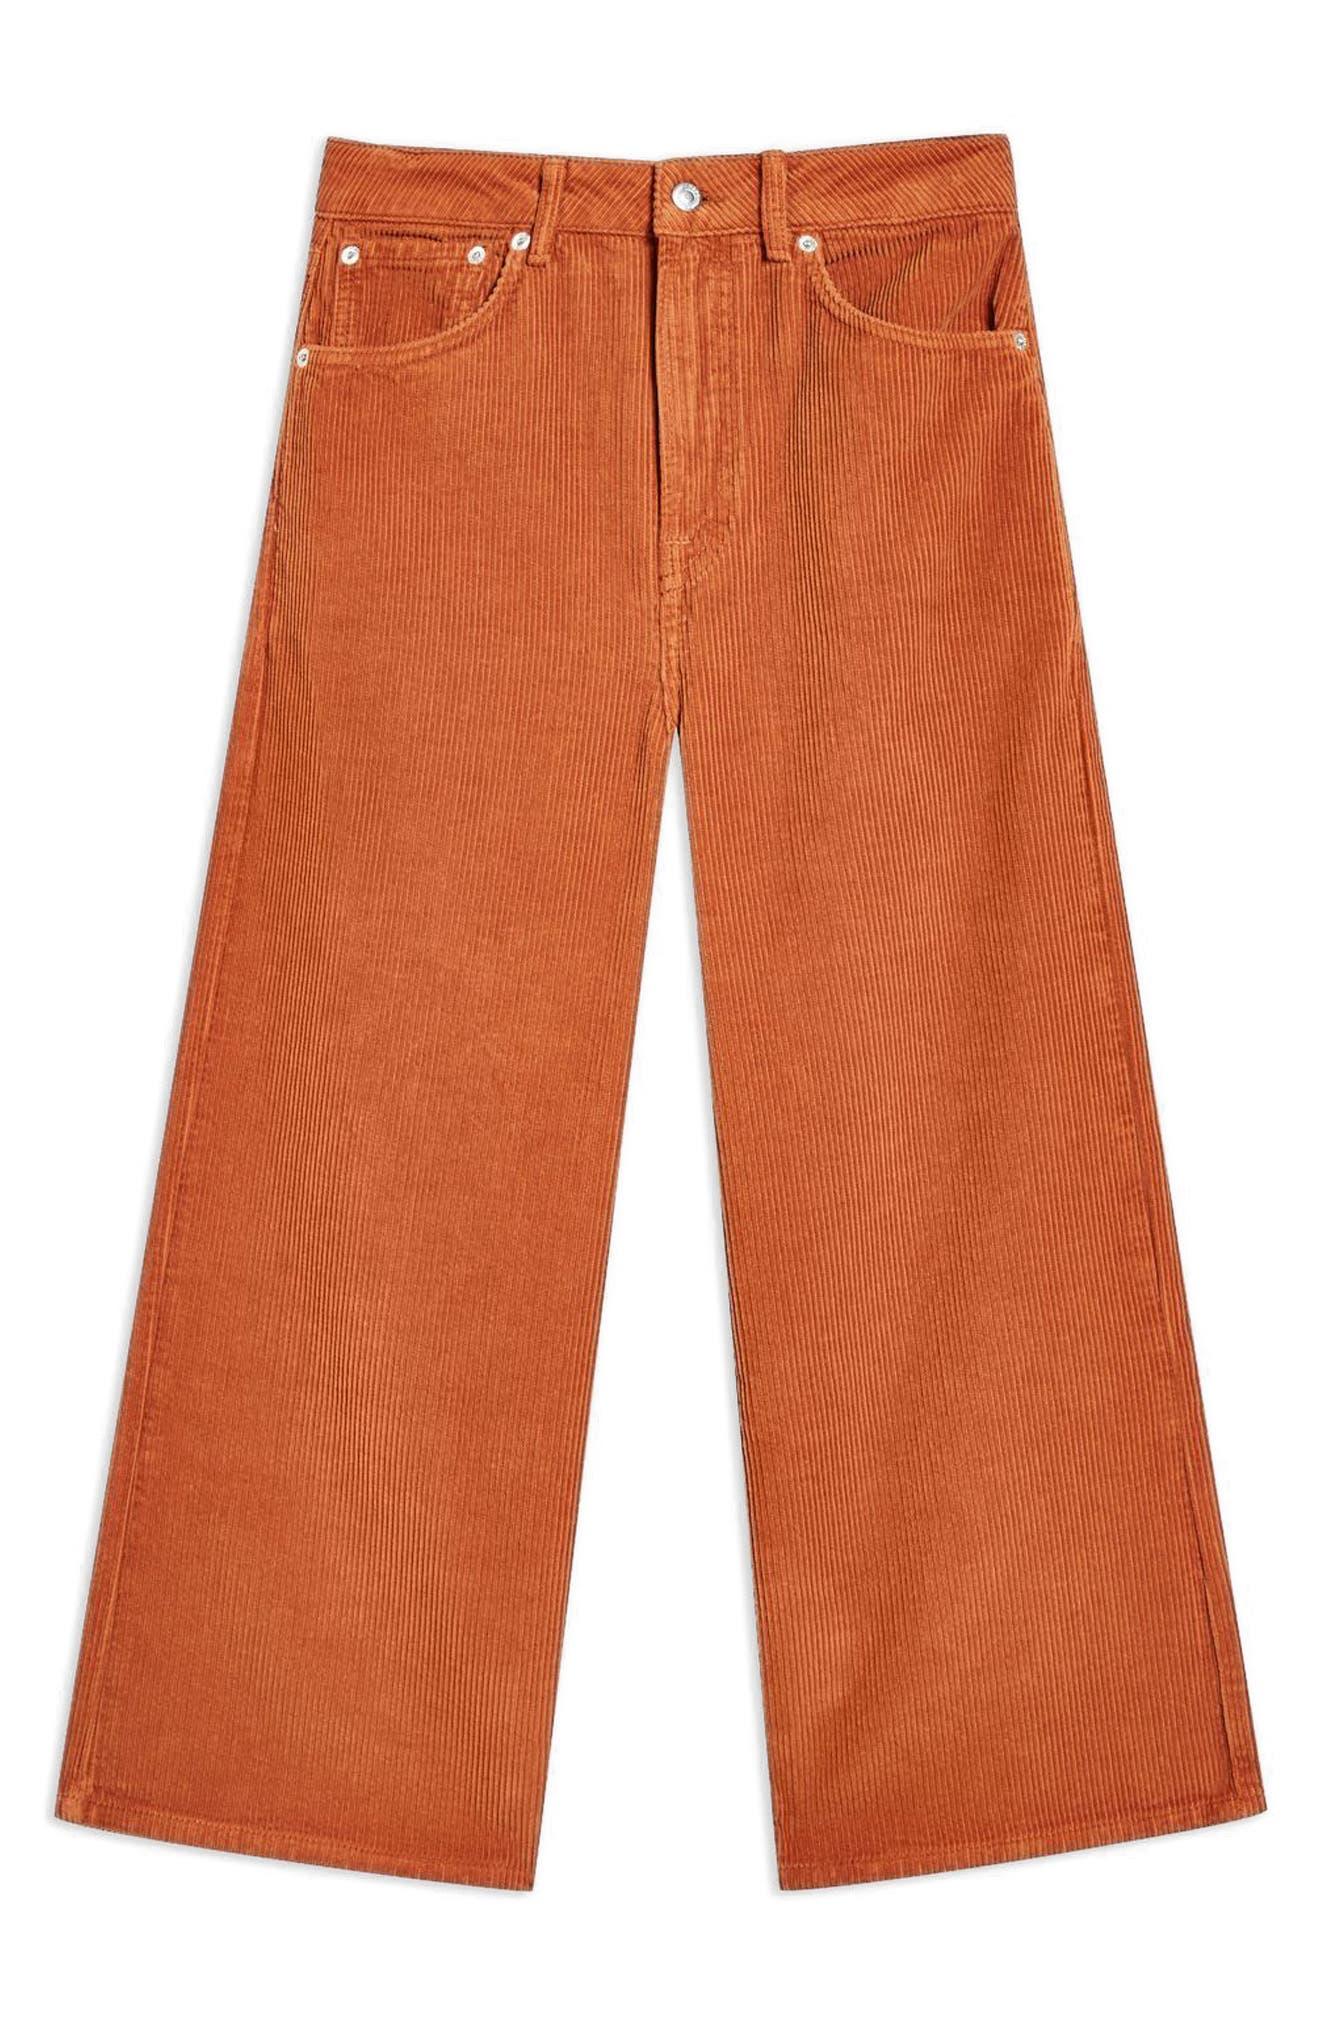 TOPSHOP, Wide Leg Corduroy Trousers, Alternate thumbnail 4, color, 210